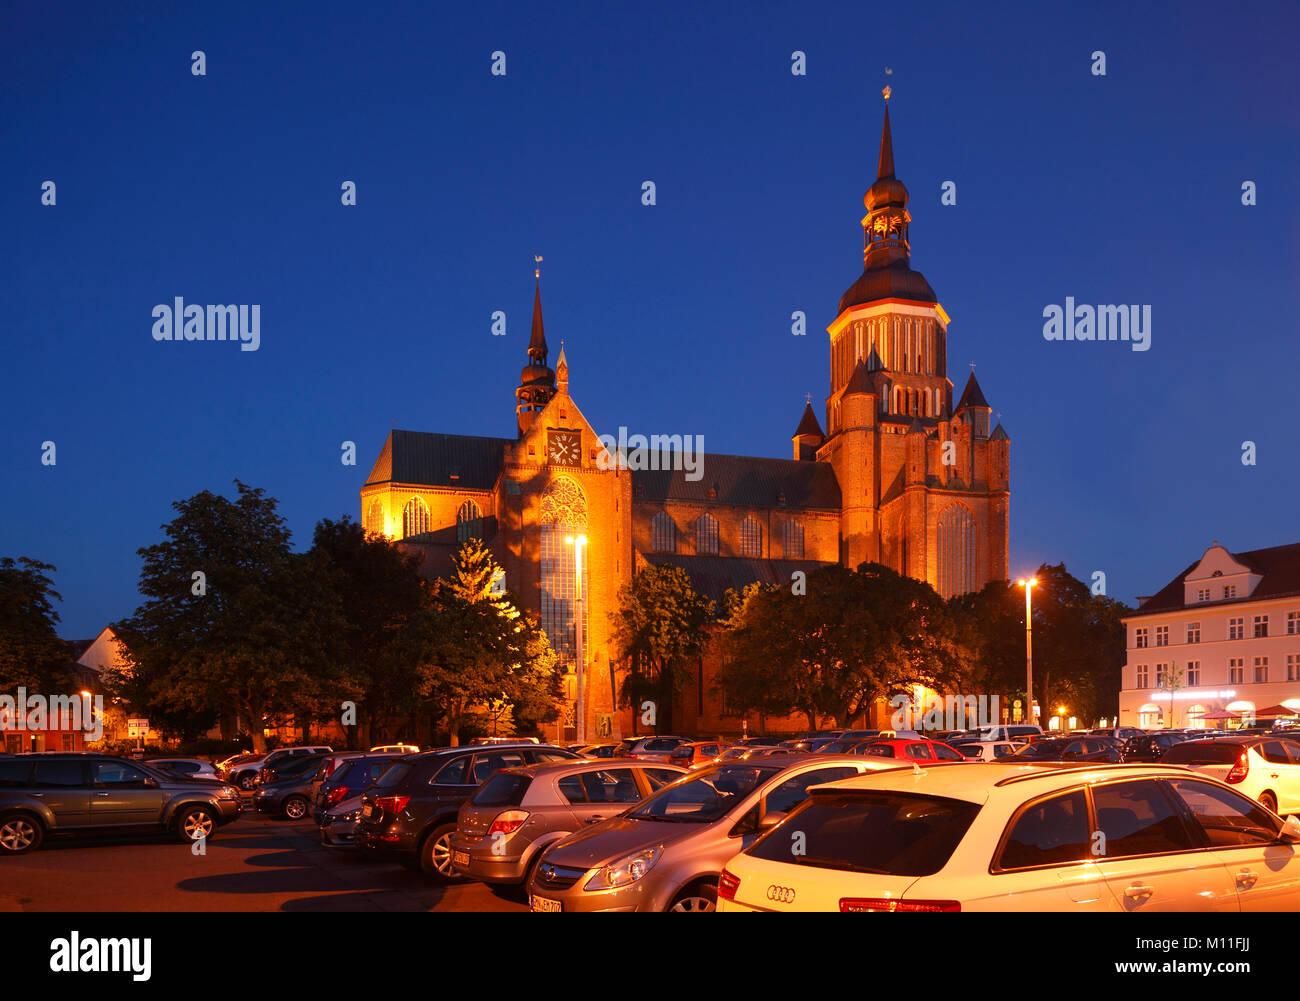 Marienkirche Church at dusk, Stralsund, Mecklenburg-Vorpommern, Germany, Europe  I  Marienkirche am Neuen Markt - Stock Image